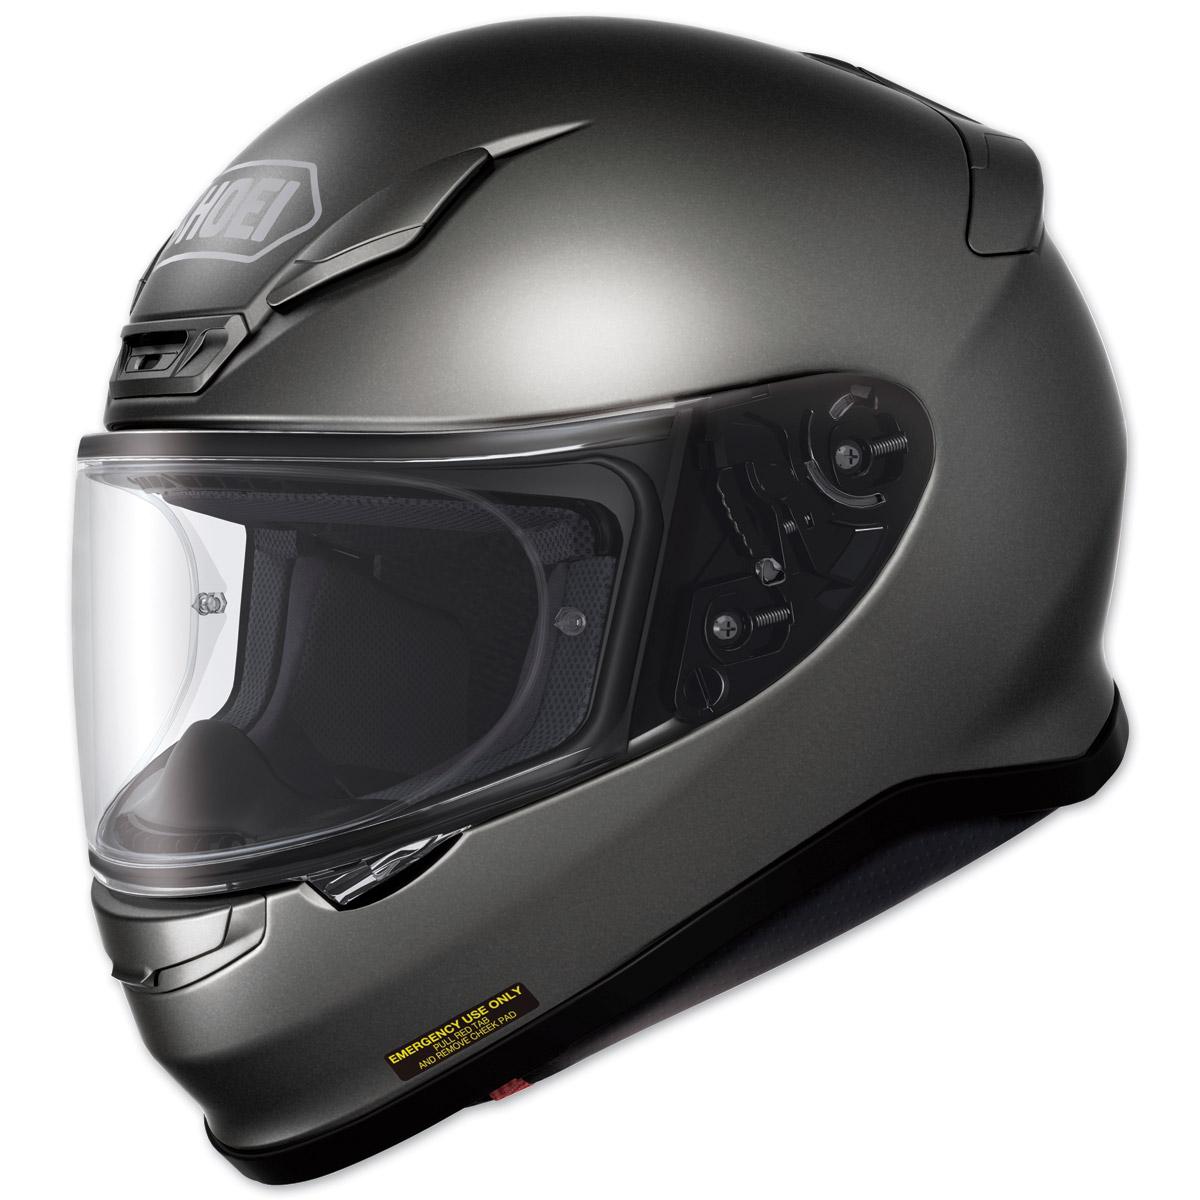 Shoei RF-1200 Anthracite Metallic Full Face Helmet